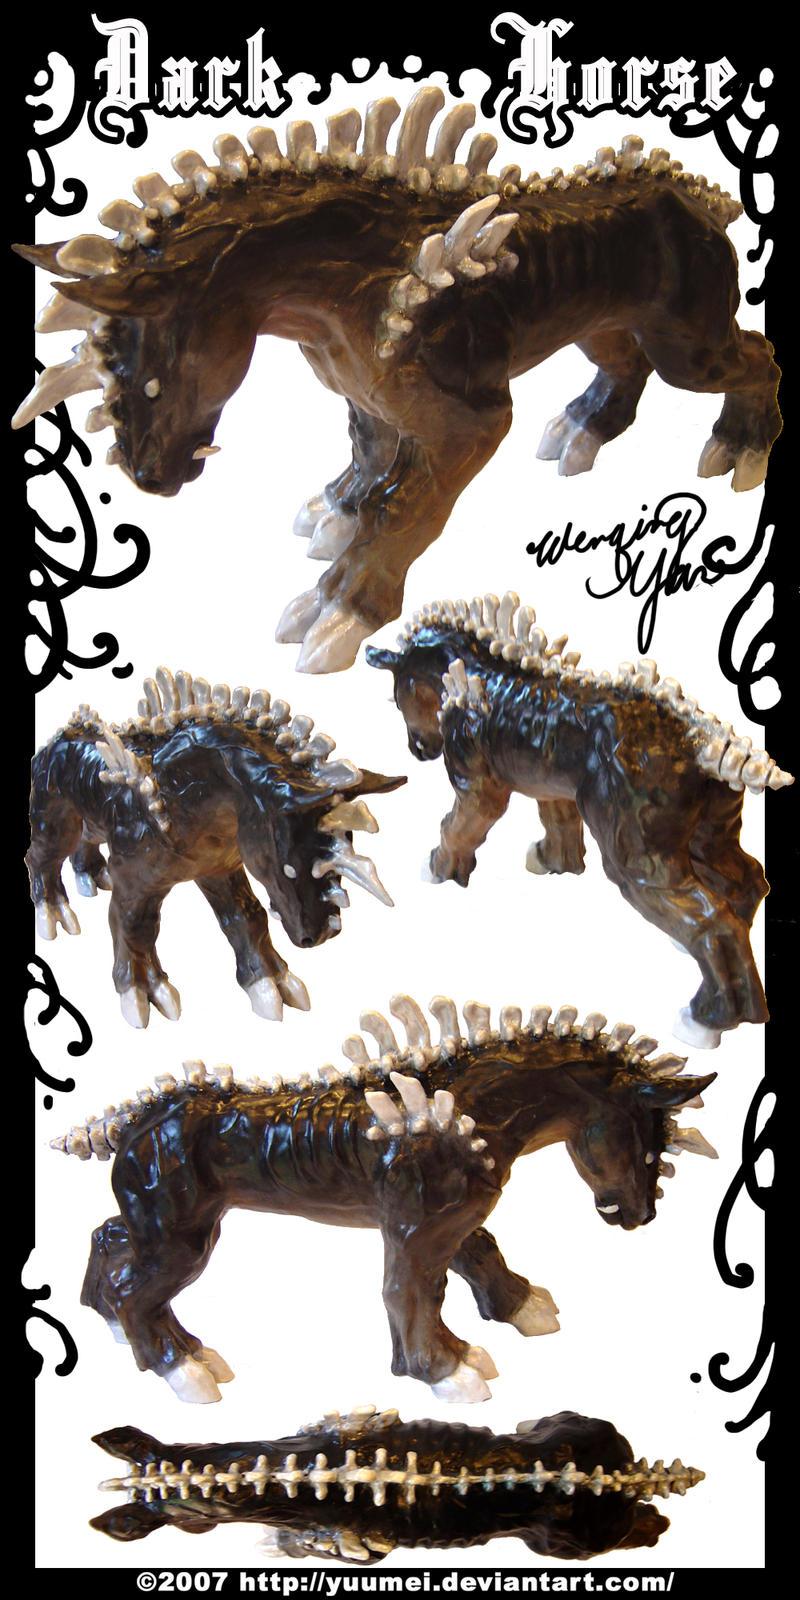 Dark Horse Sculpture by yuumei